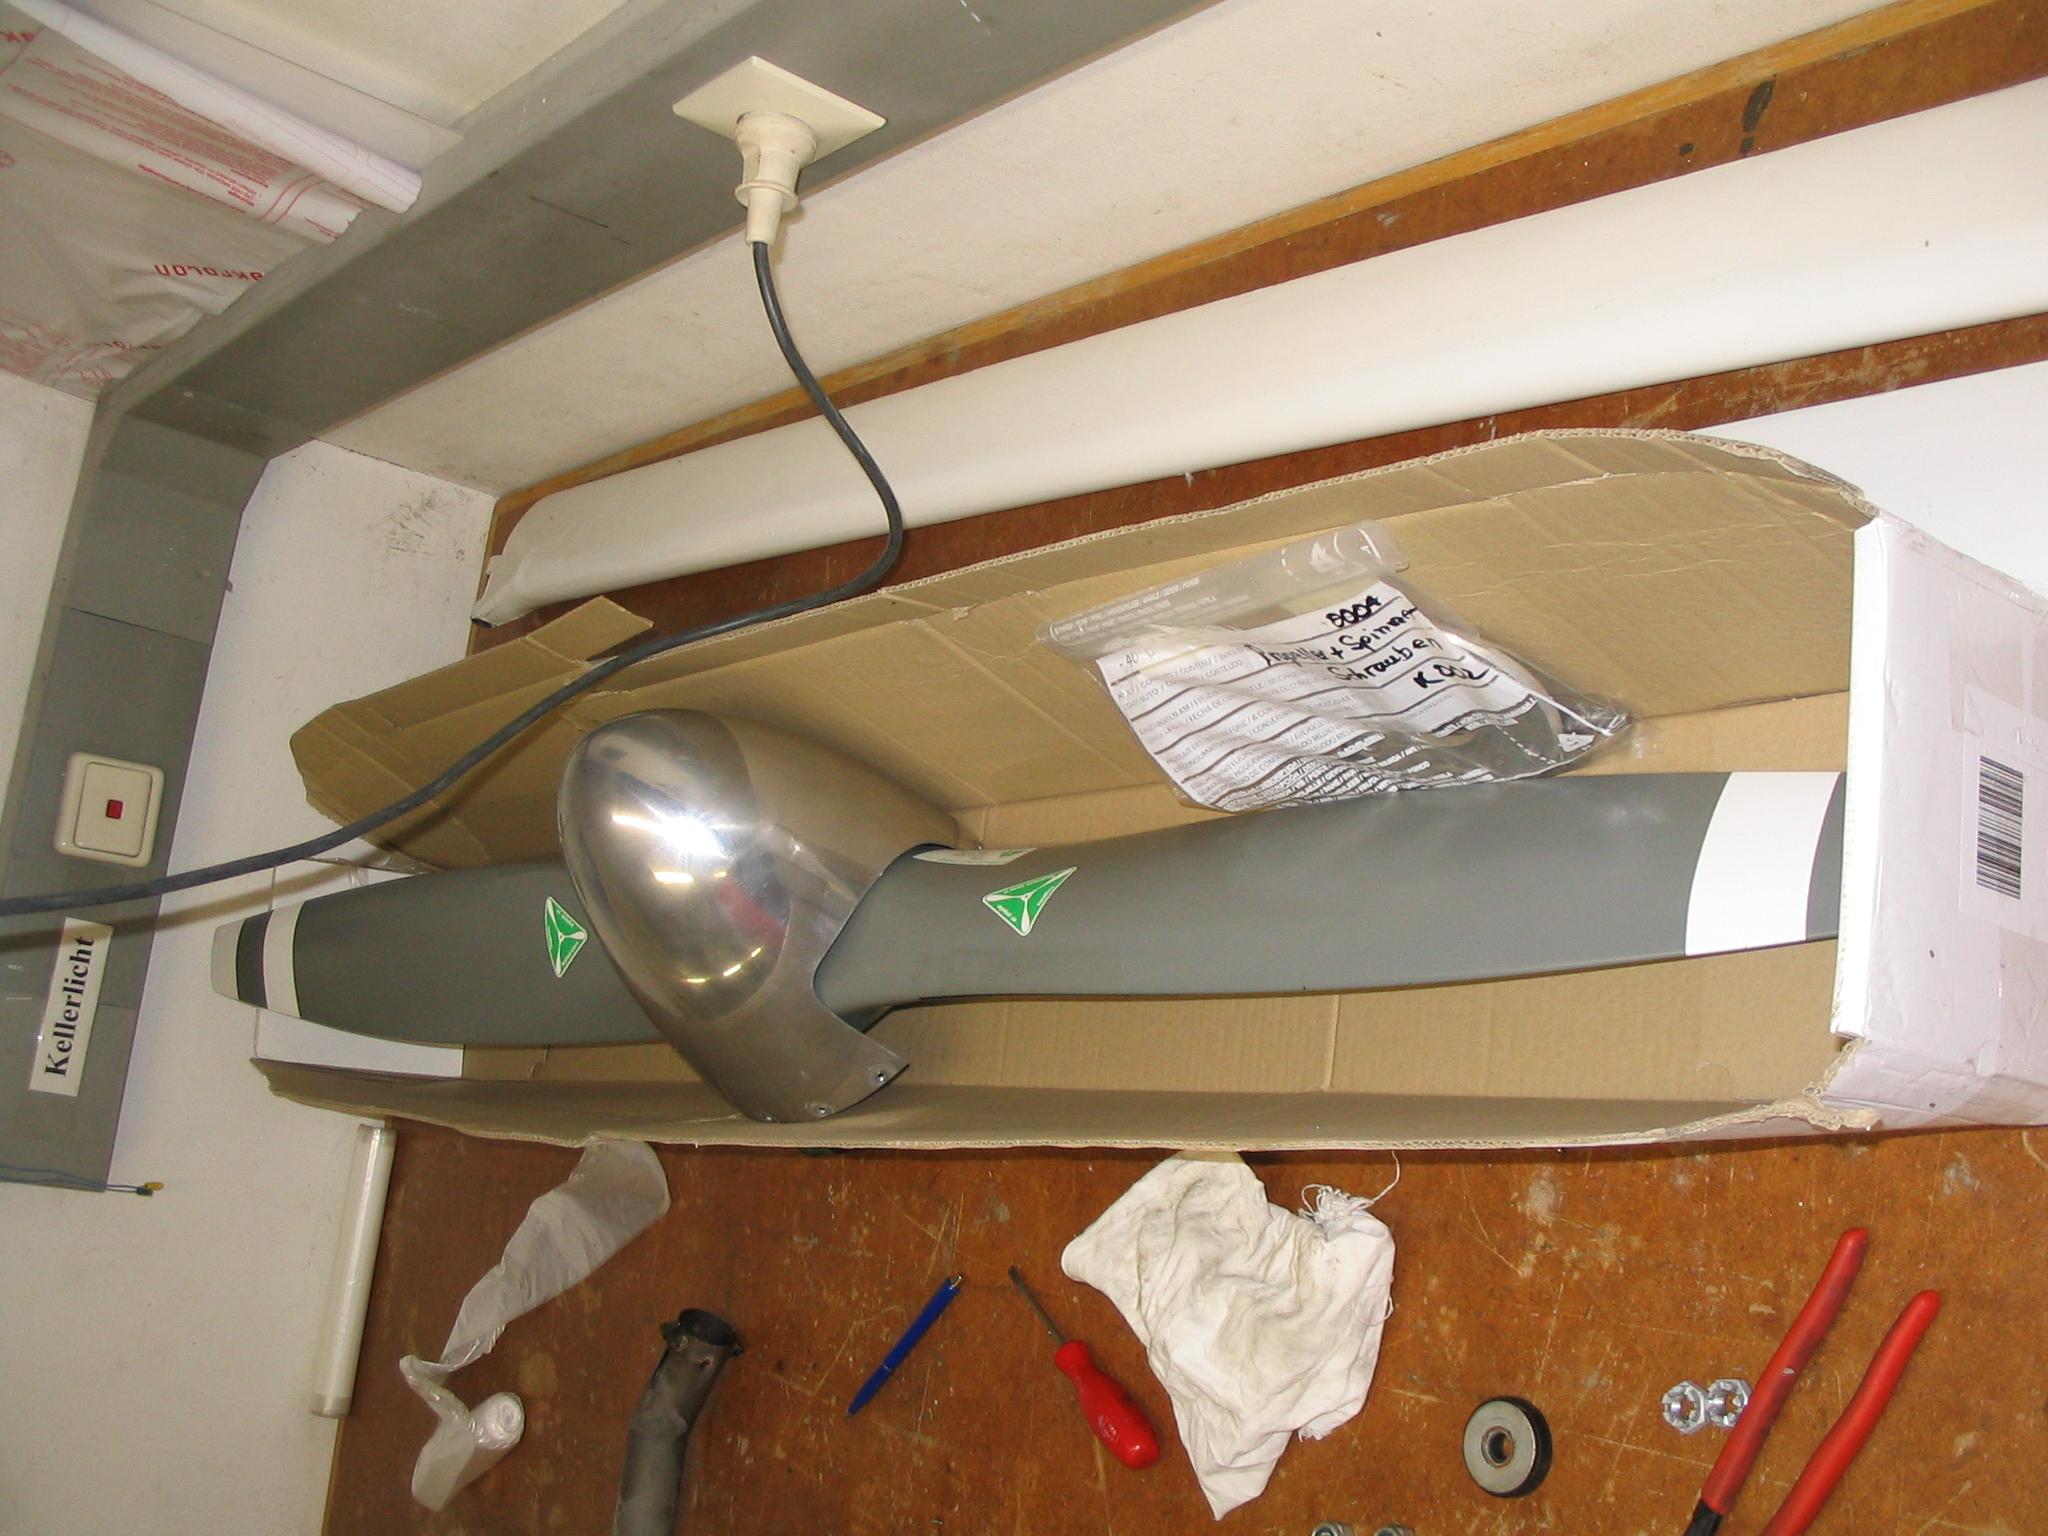 der Propeller wurde nach Holland verkauft